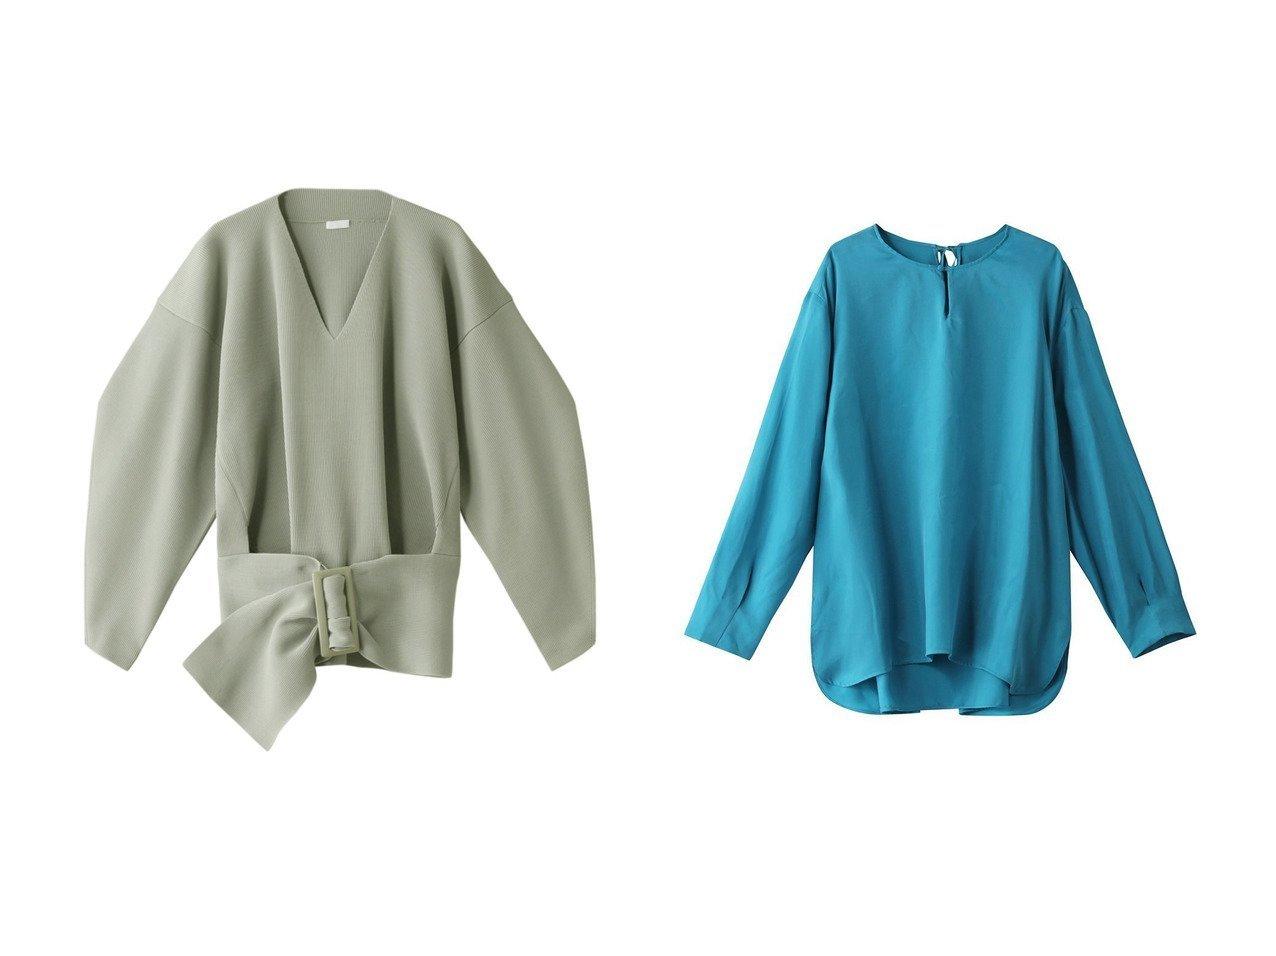 【HOUSE OF LOTUS/ハウス オブ ロータス】のヴィンテージキュプラブラウス&【RITO/リト】のオーバーサイズベルテッドセーター トップス・カットソーのおすすめ!人気、トレンド・レディースファッションの通販 おすすめで人気の流行・トレンド、ファッションの通販商品 メンズファッション・キッズファッション・インテリア・家具・レディースファッション・服の通販 founy(ファニー) https://founy.com/ ファッション Fashion レディースファッション WOMEN トップス Tops Tshirt ニット Knit Tops プルオーバー Pullover シャツ/ブラウス Shirts Blouses 2021年 2021 2021 春夏 S/S SS Spring/Summer 2021 S/S 春夏 SS Spring/Summer セーター 春 Spring |ID:crp329100000013097